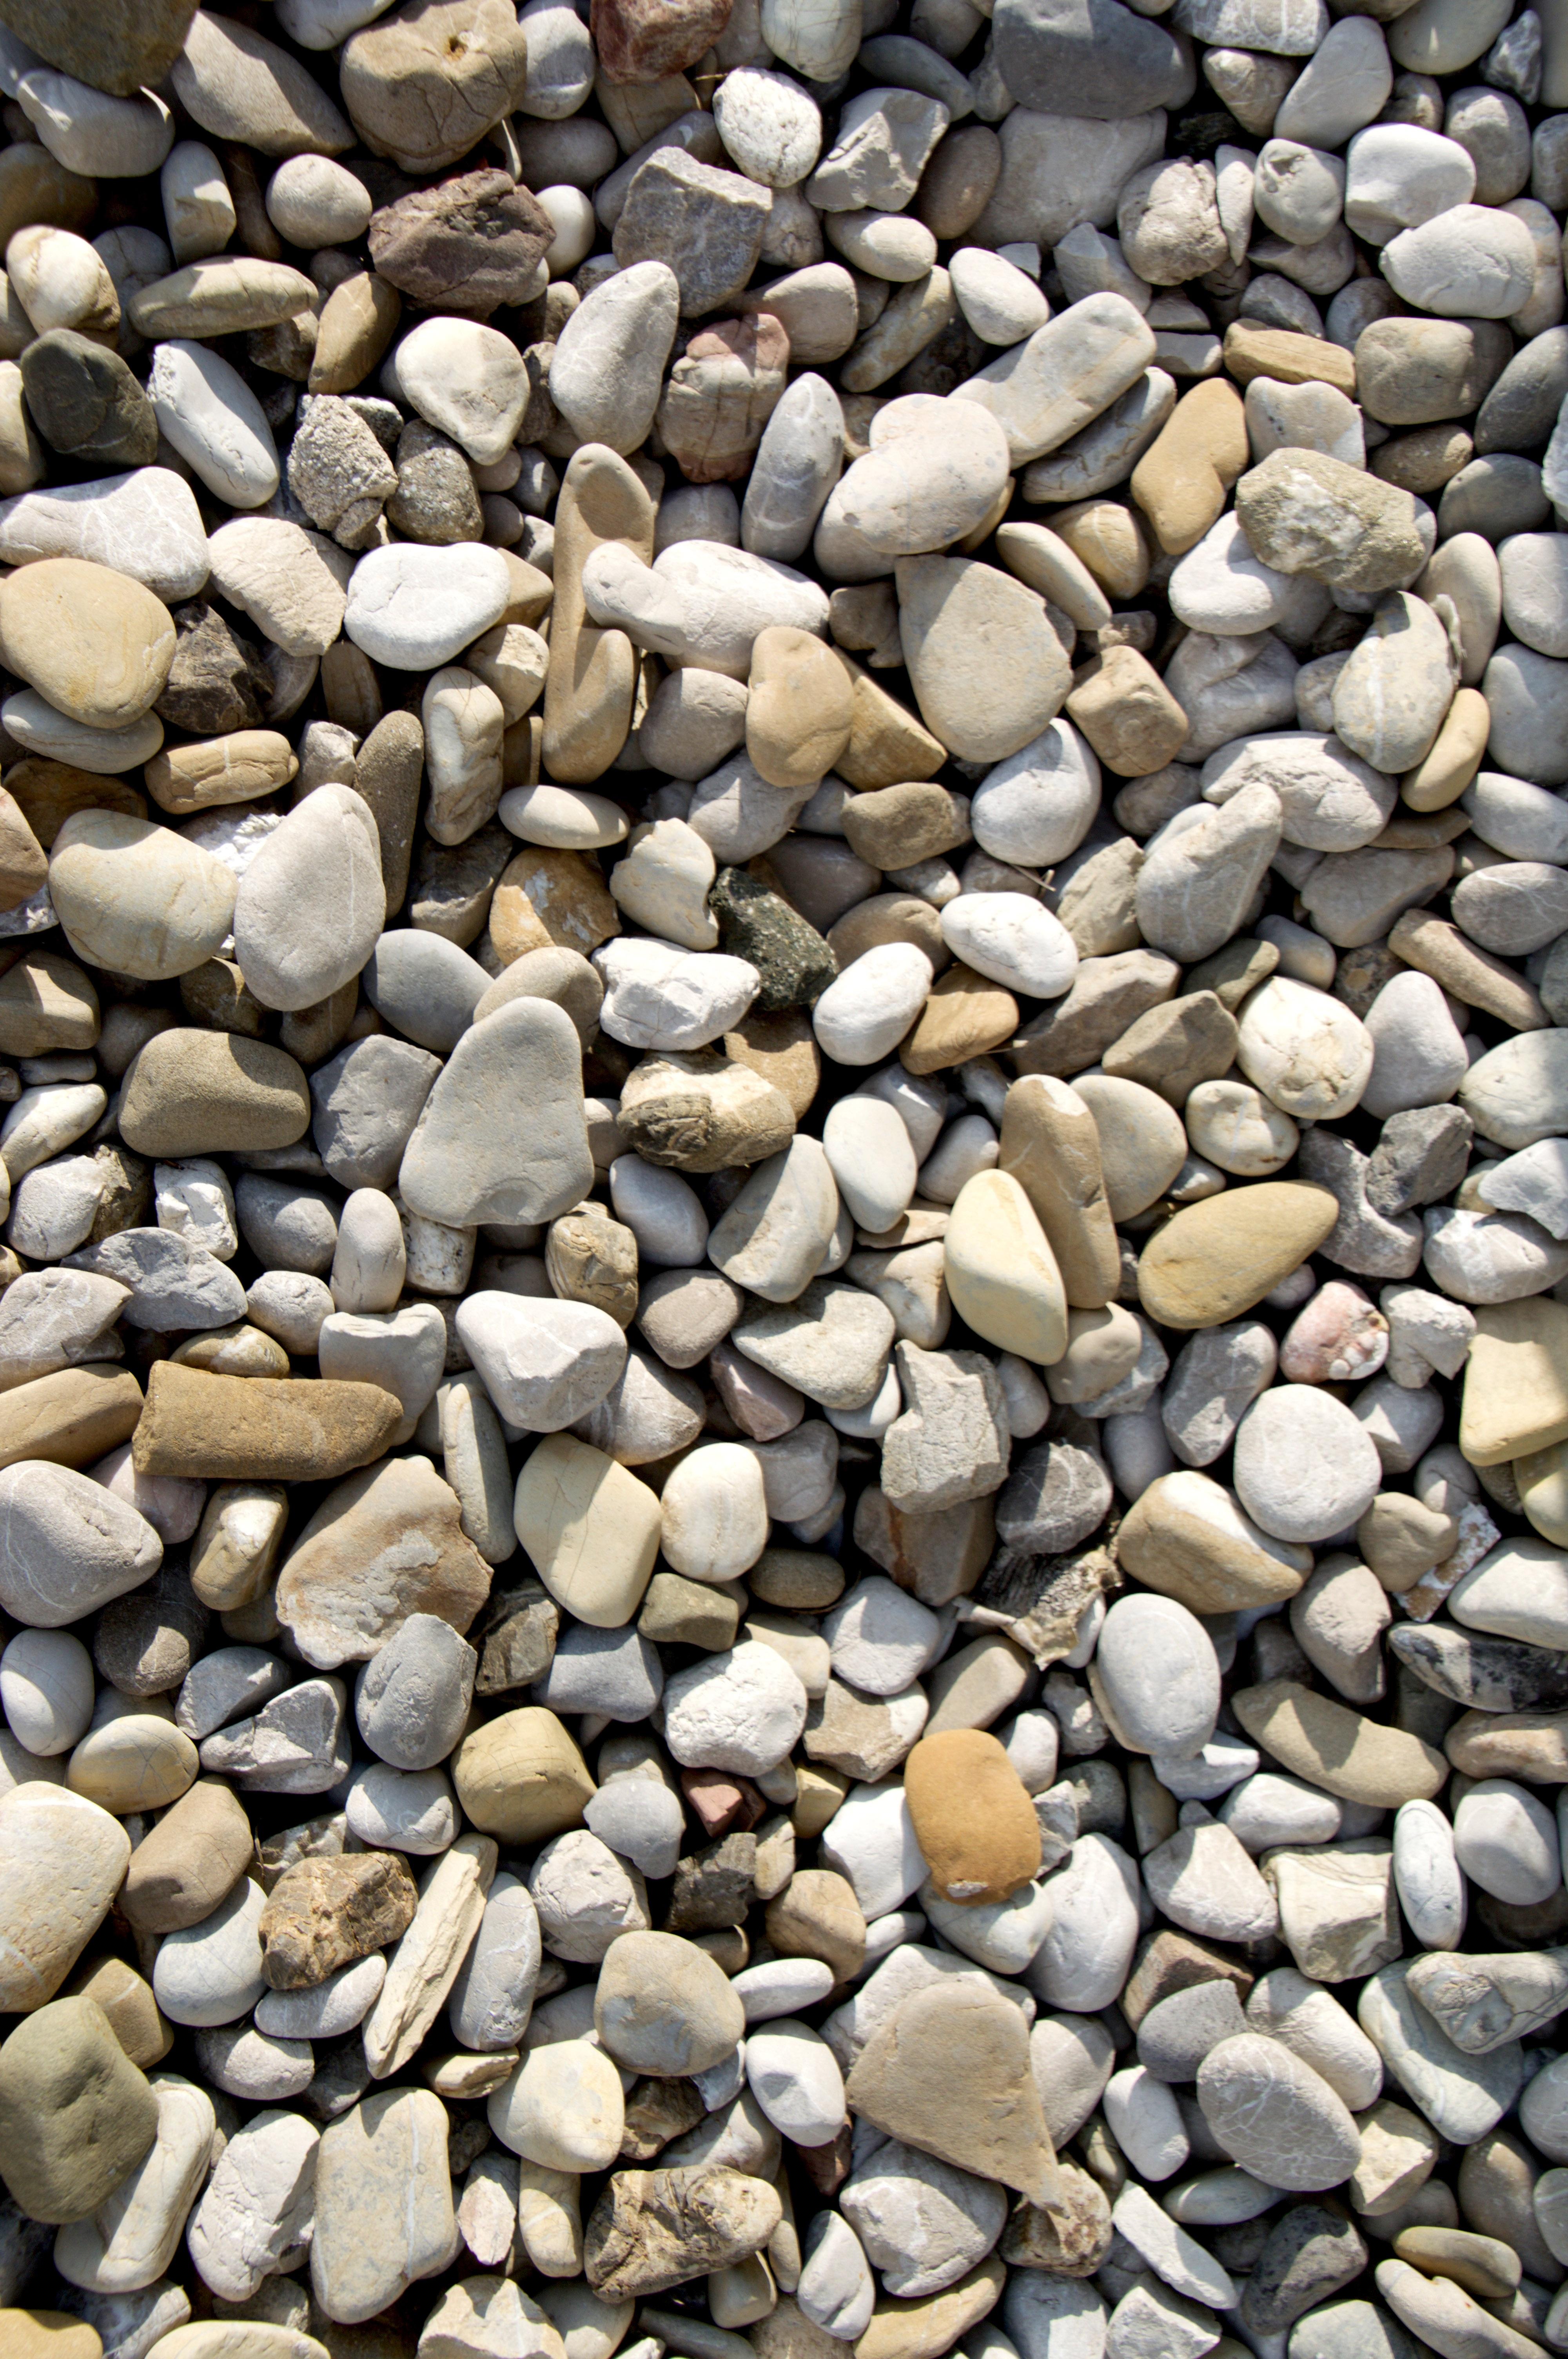 Fonkelnieuw Gratis Afbeeldingen : rots, structuur, kiezelsteen, stenen muur DX-53